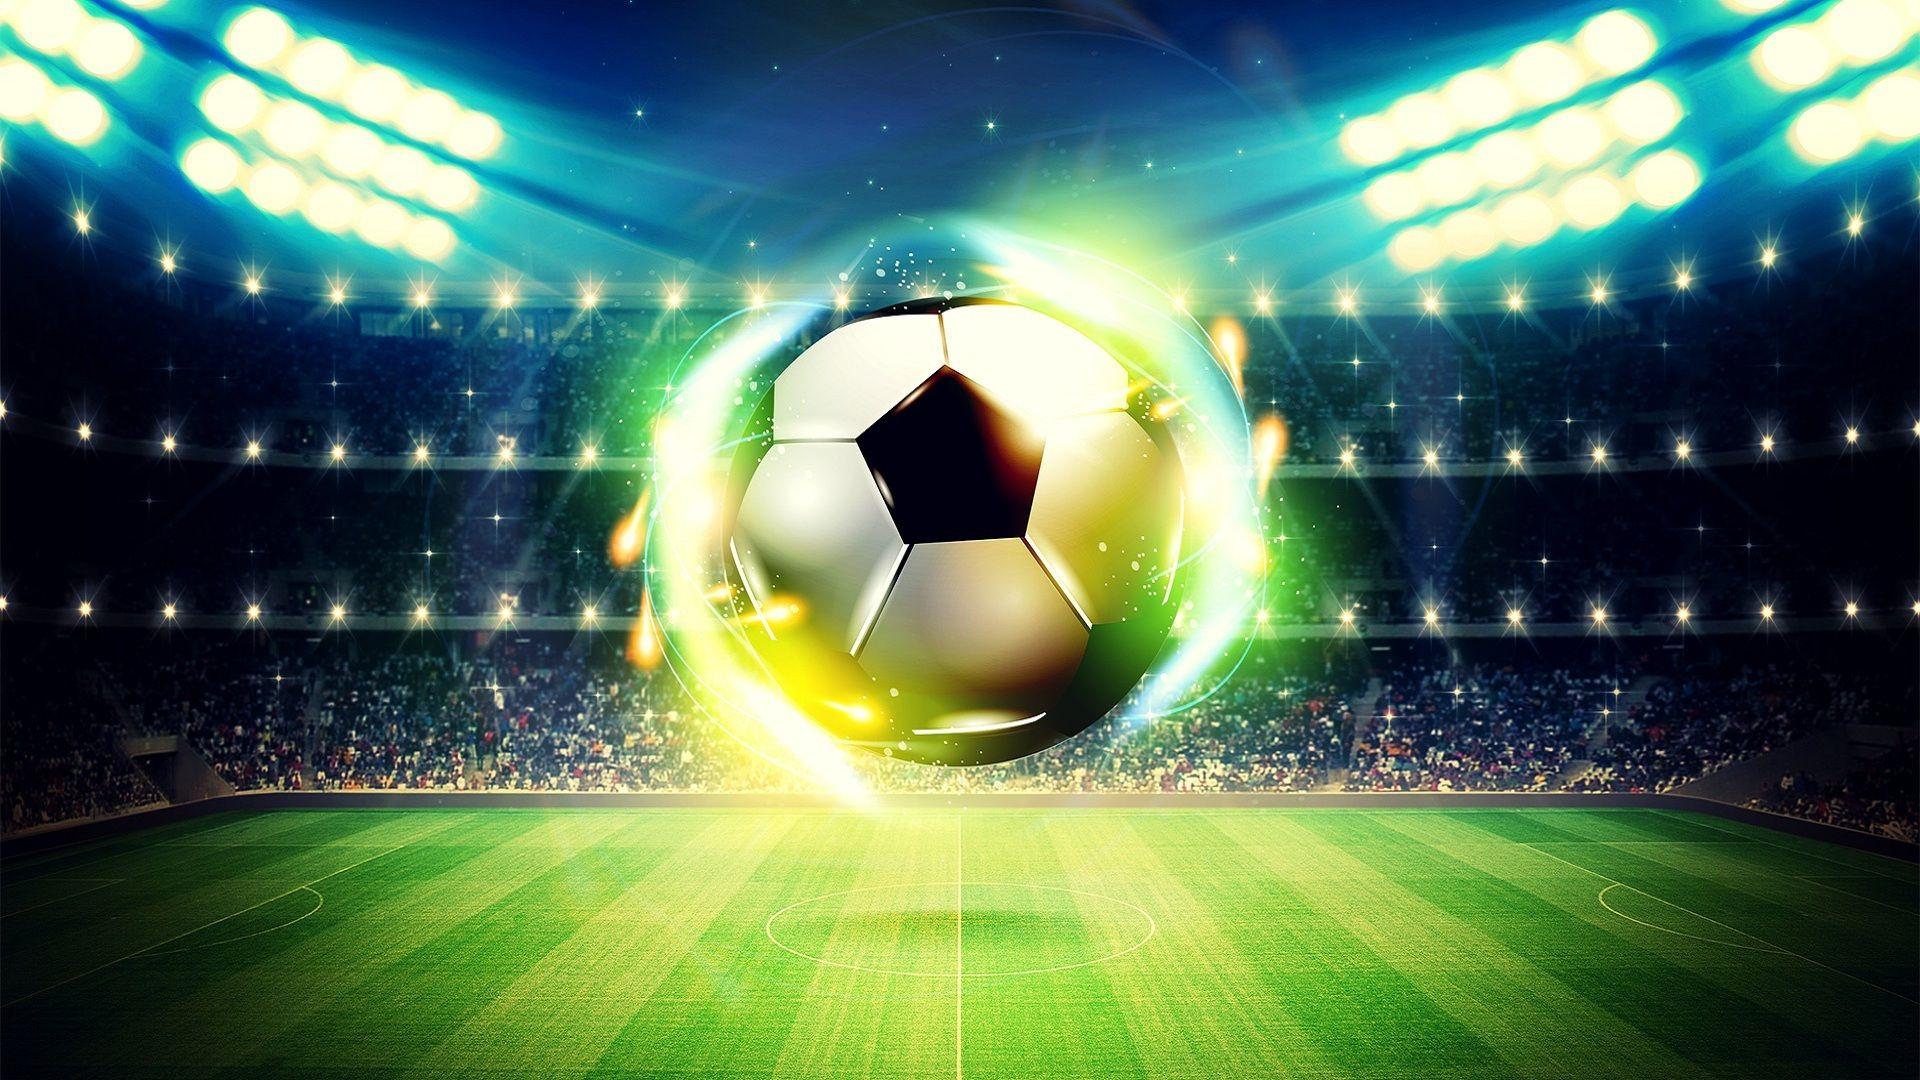 Football Background Hd Wallpaper At Wallpapersmap Com Di 2020 Gambar Sepak Bola Sepak Bola Prancis